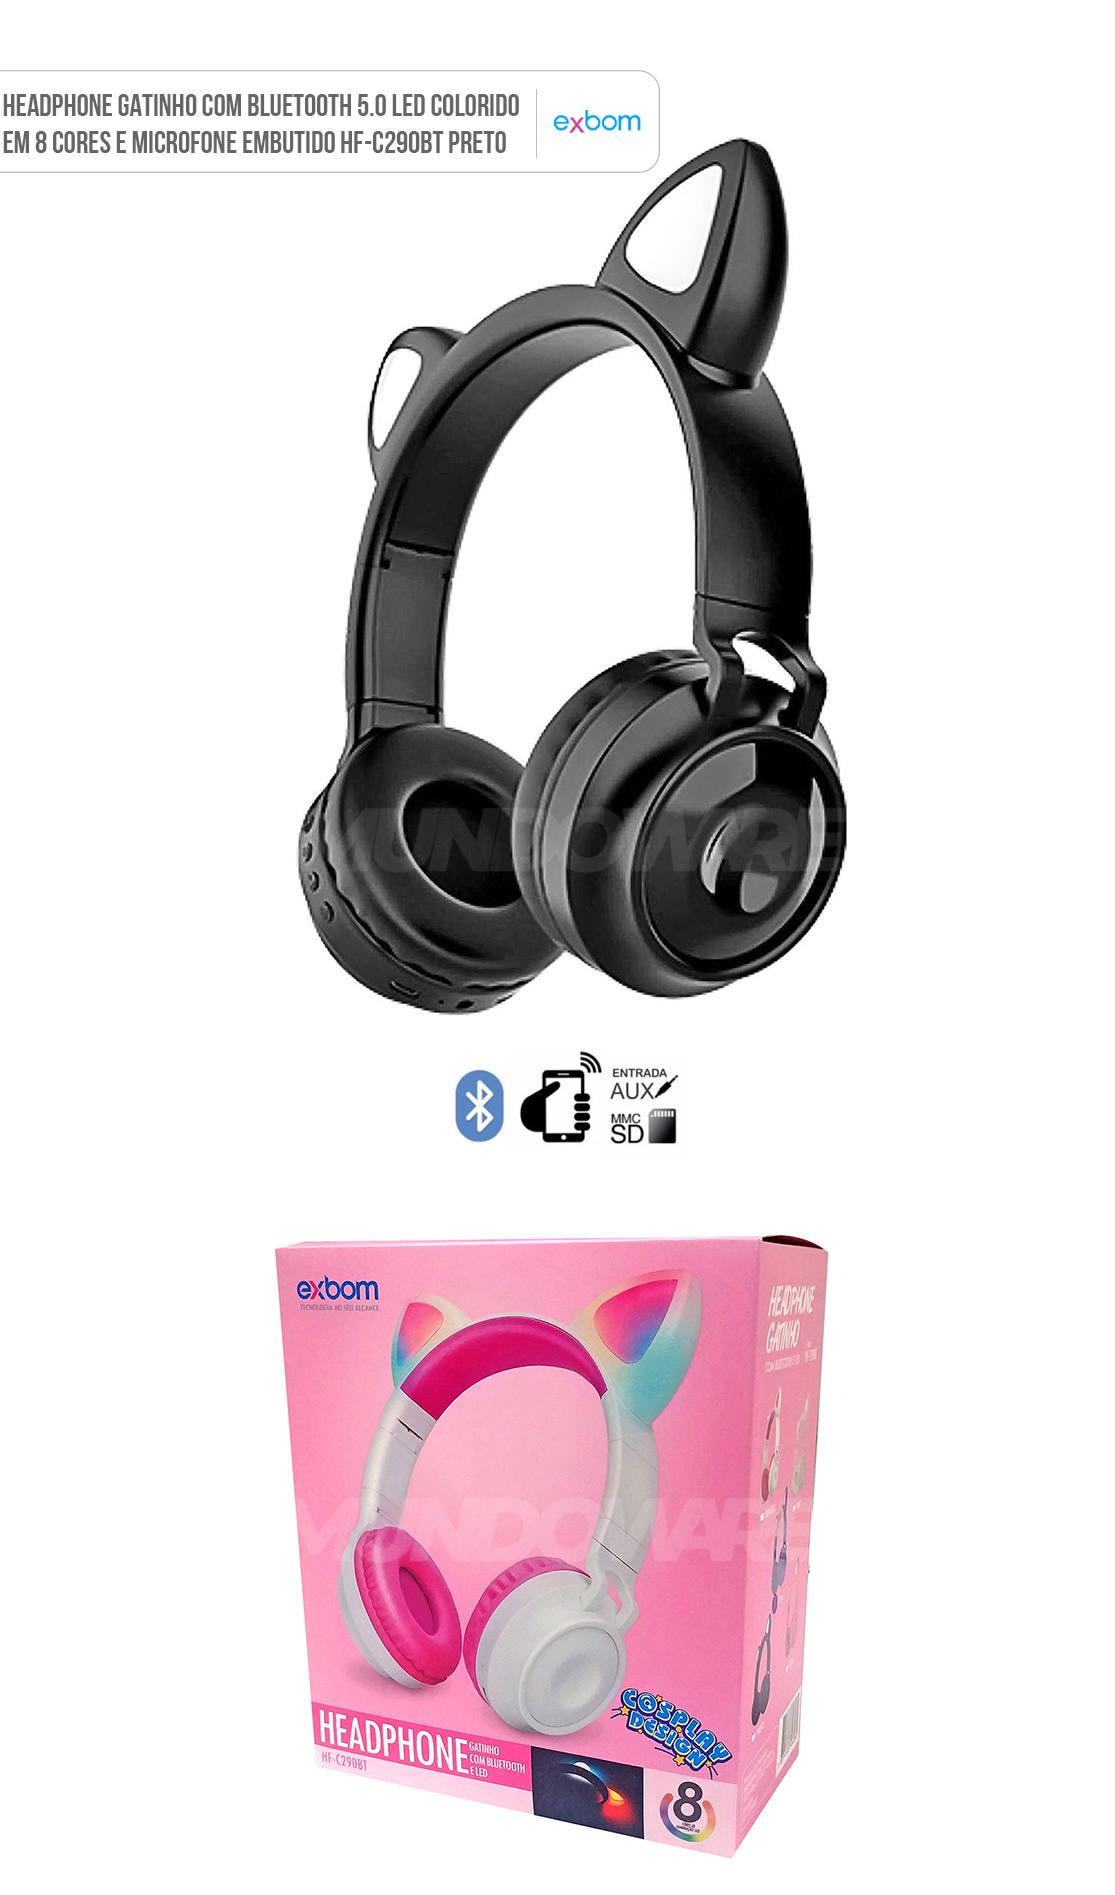 Headphone Gatinho com Bluetooth 5.0 Dobrável Iluminação LED em 8 Cores Microfone Embutido HF-C290BT Preto